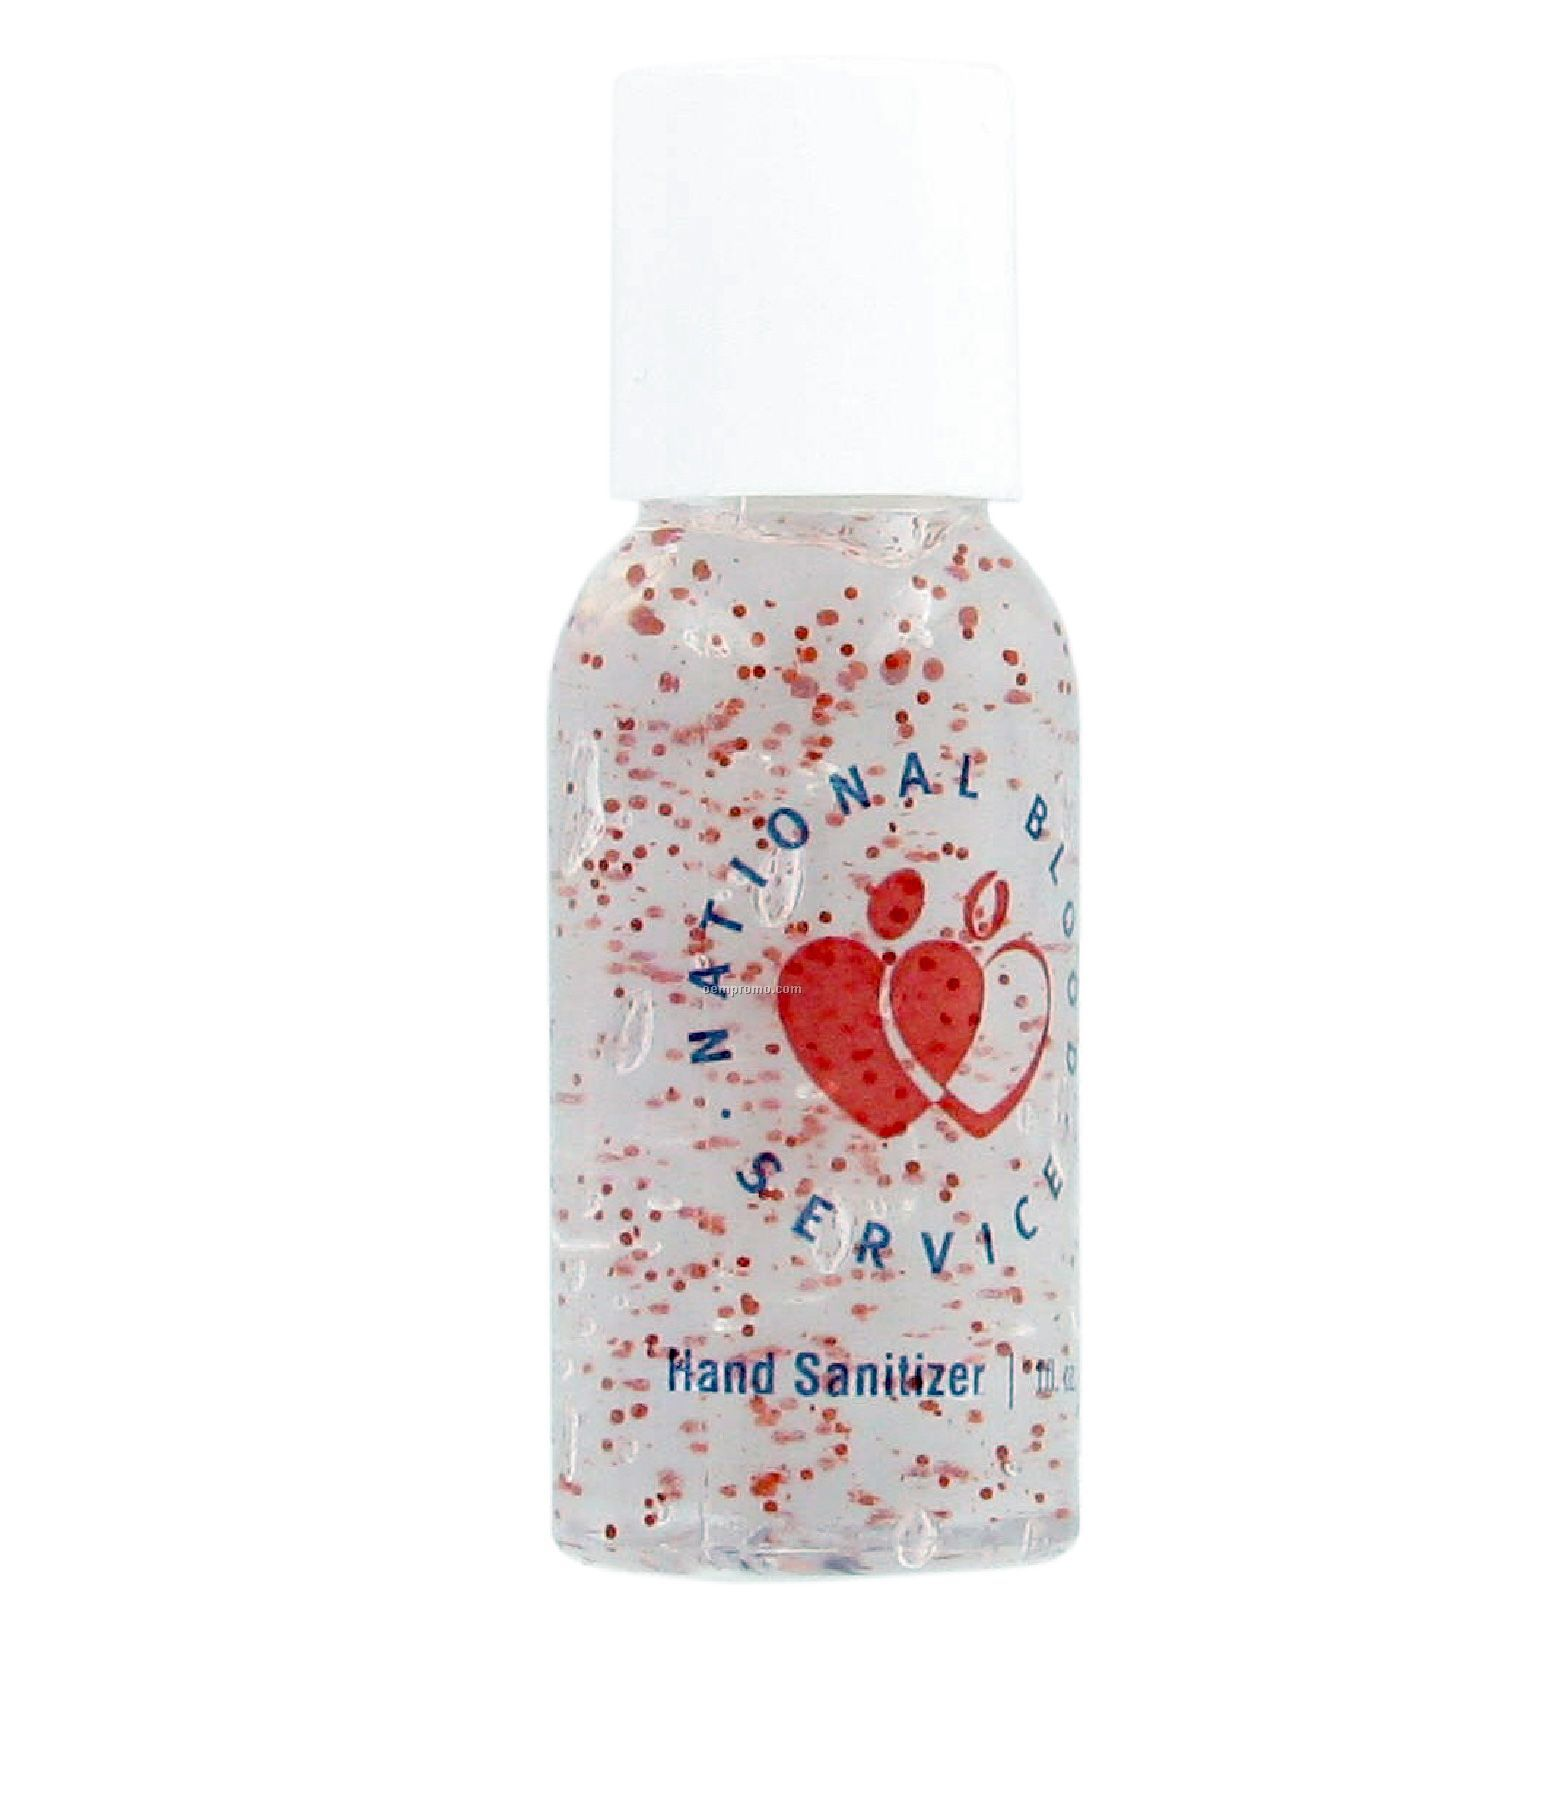 1 Oz. Moisture Bead Sanitizer In Round Bottle